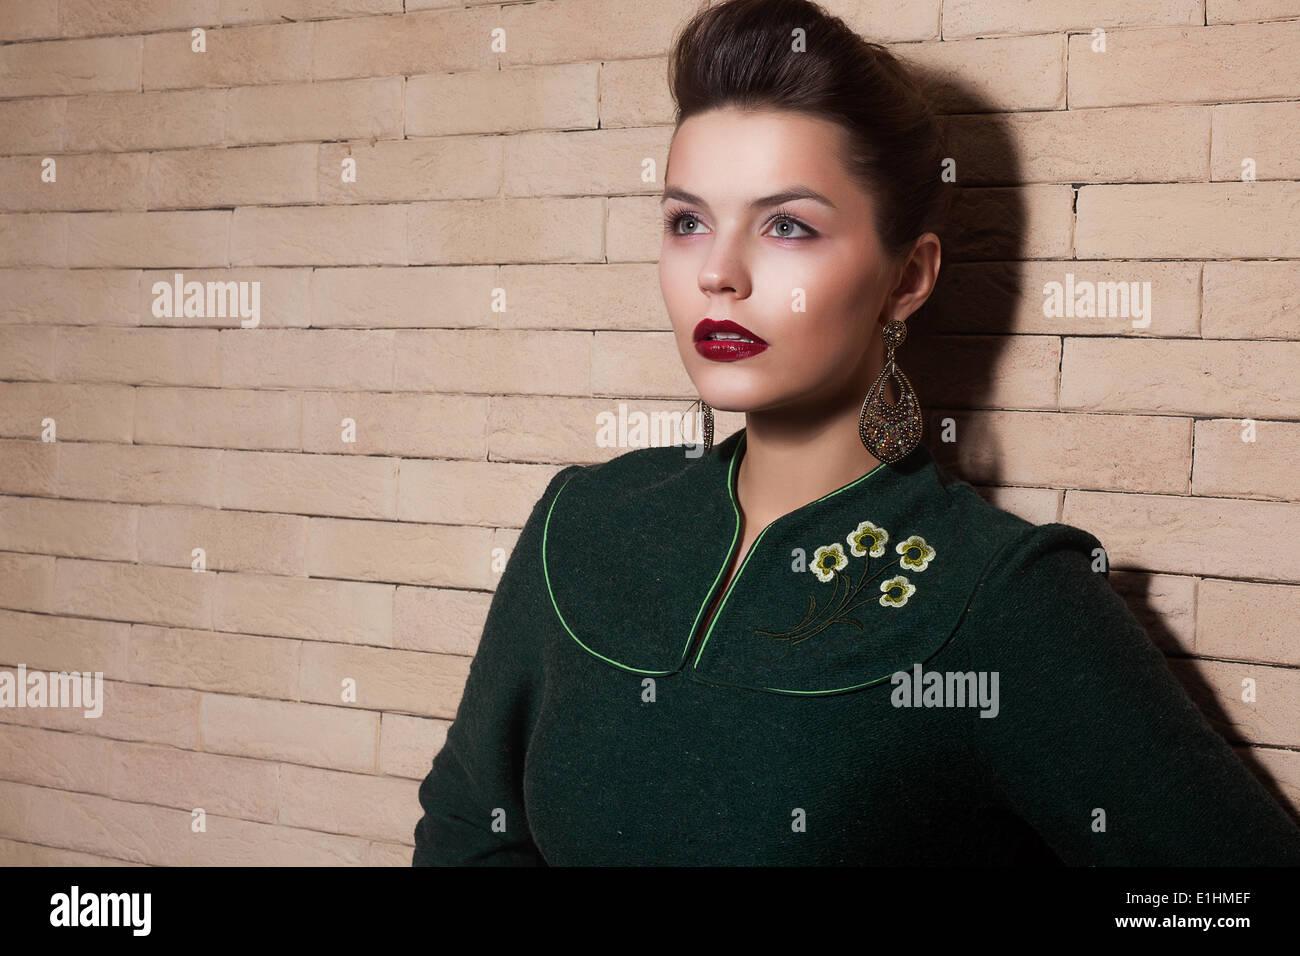 Stylized Cute Lady in Green Dress Portrait - Stock Image